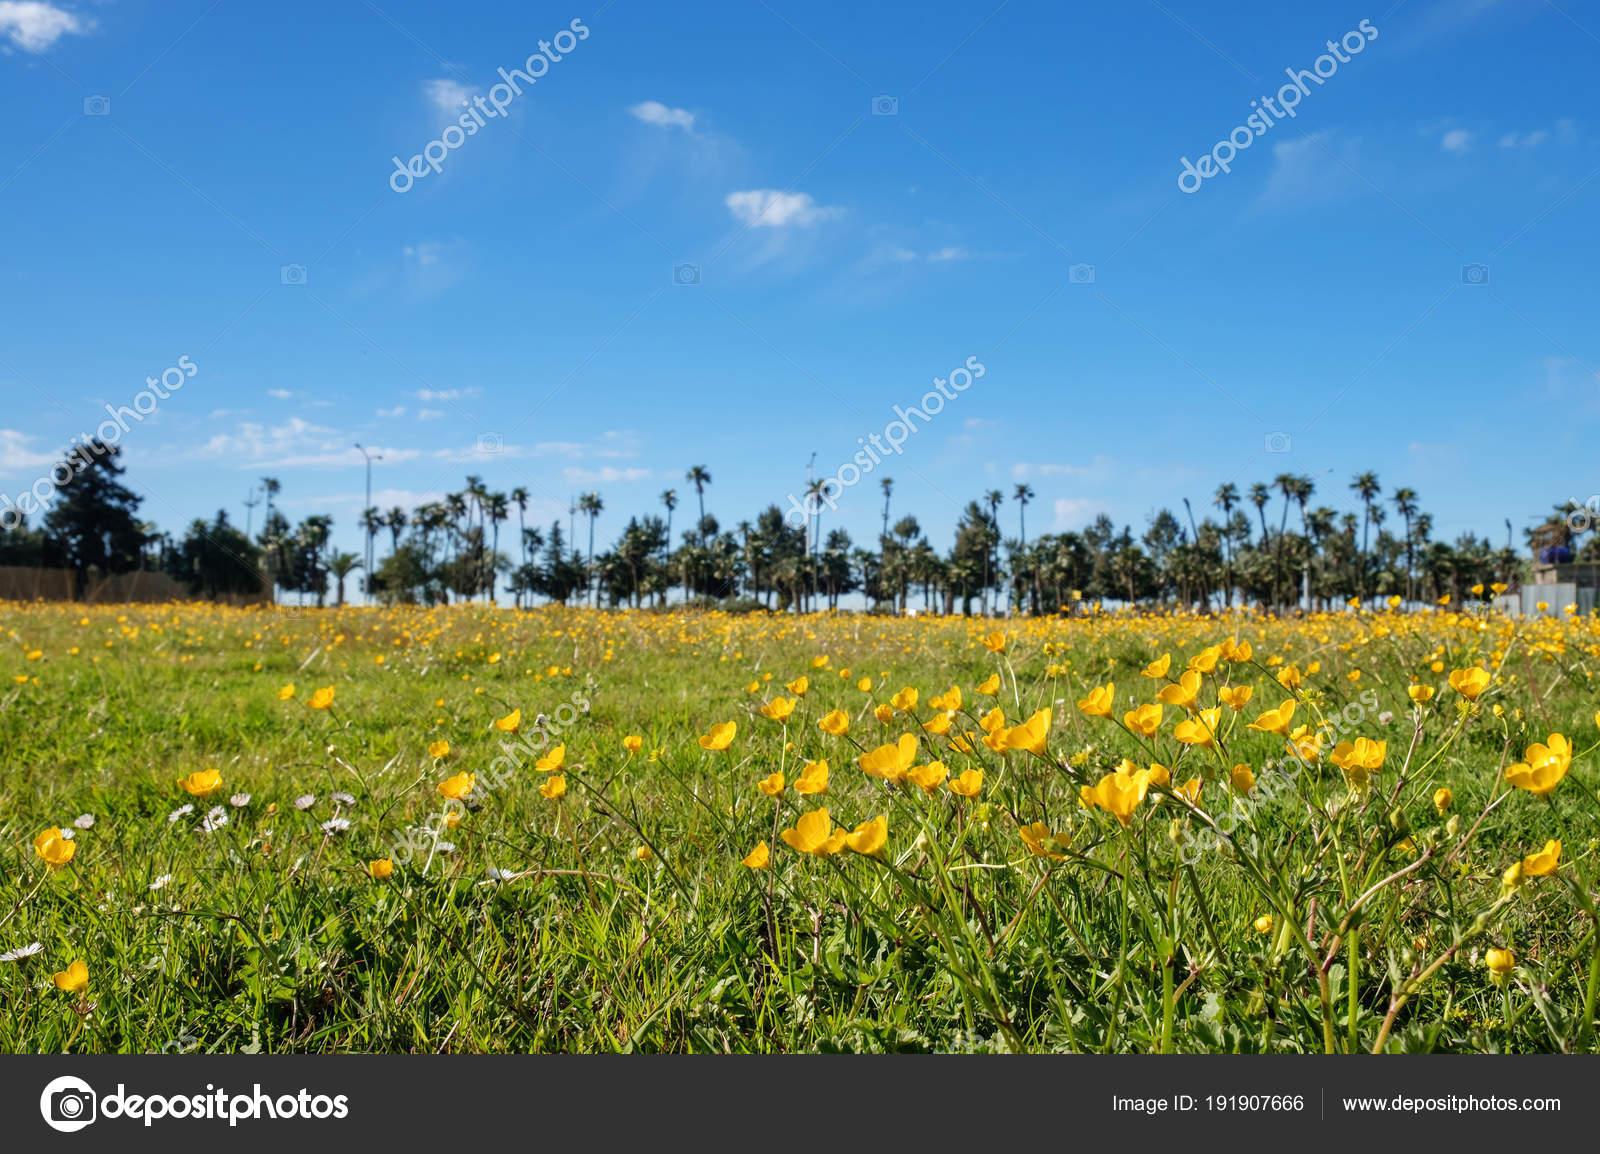 Field Of Yellow Flowers Stock Photo Naskami 191907666